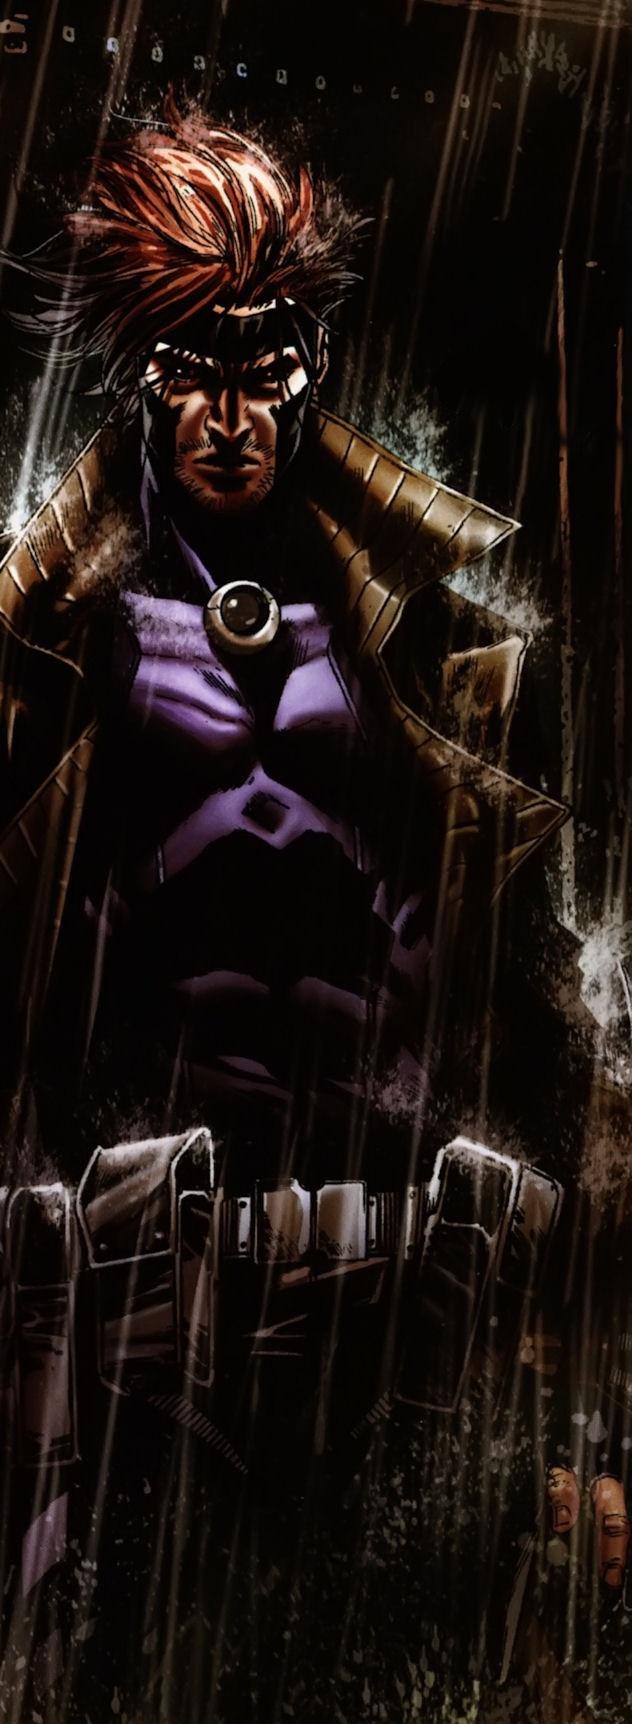 Gambit, o personagem que eu mais gosto no X-men